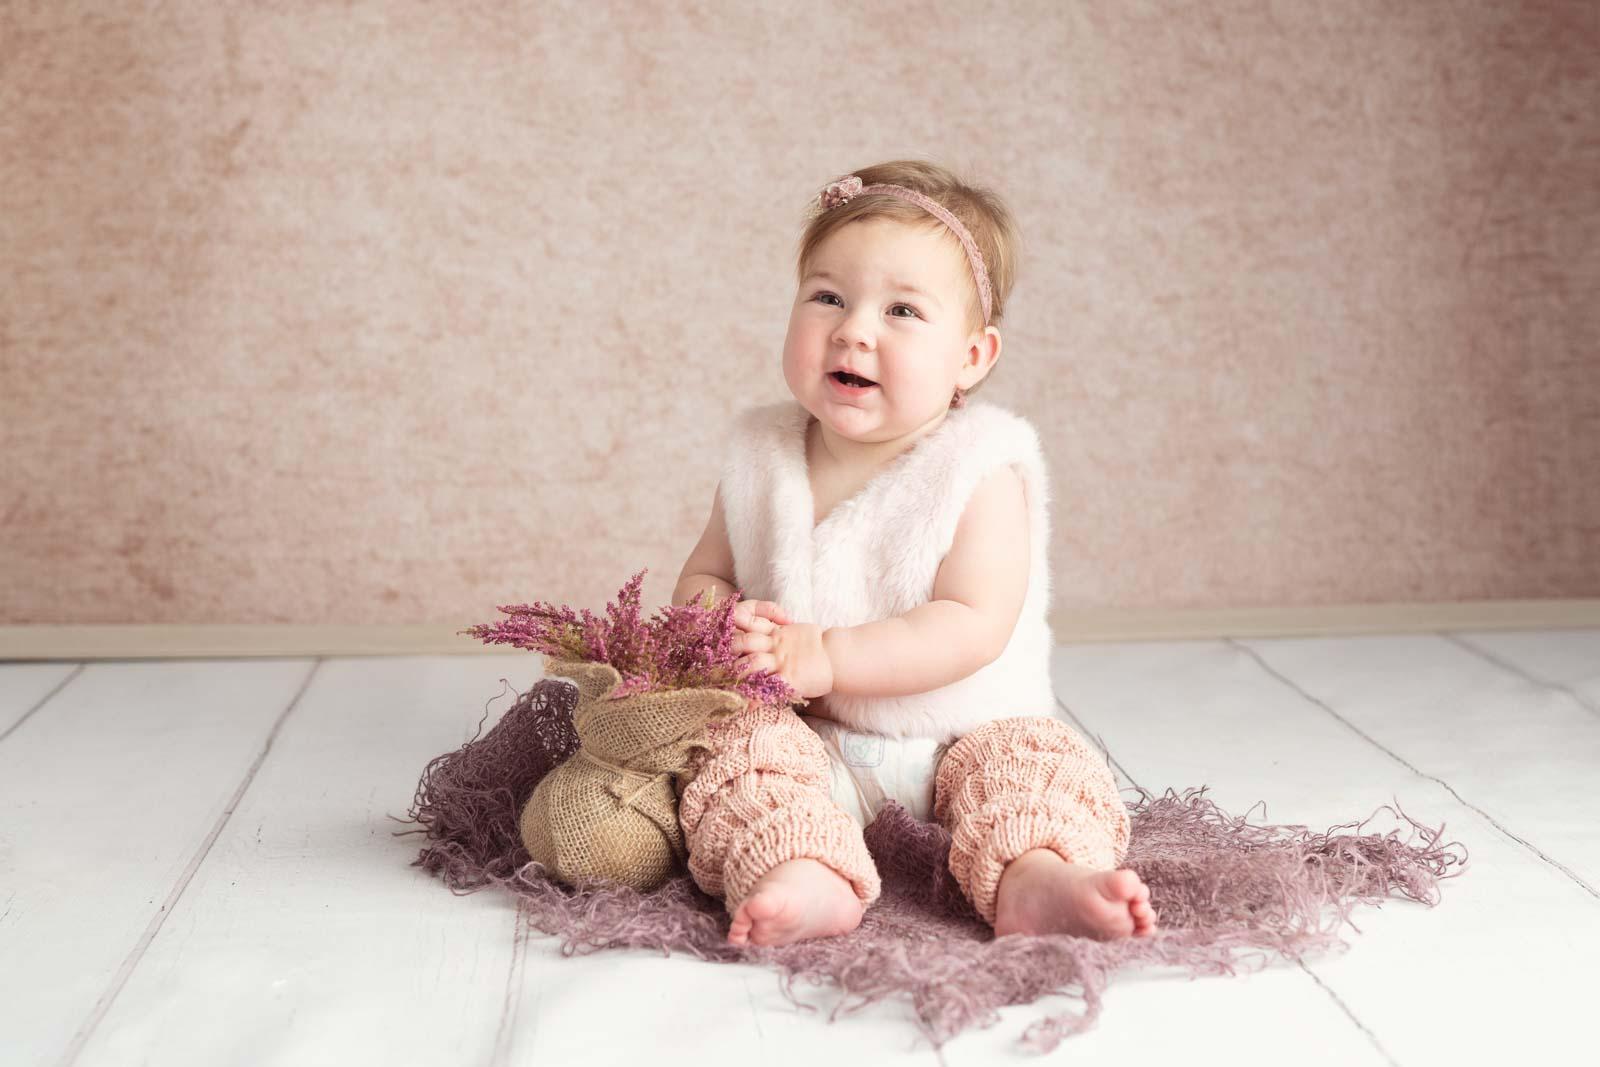 Babyfotograf München: Babyfotos zu Hause